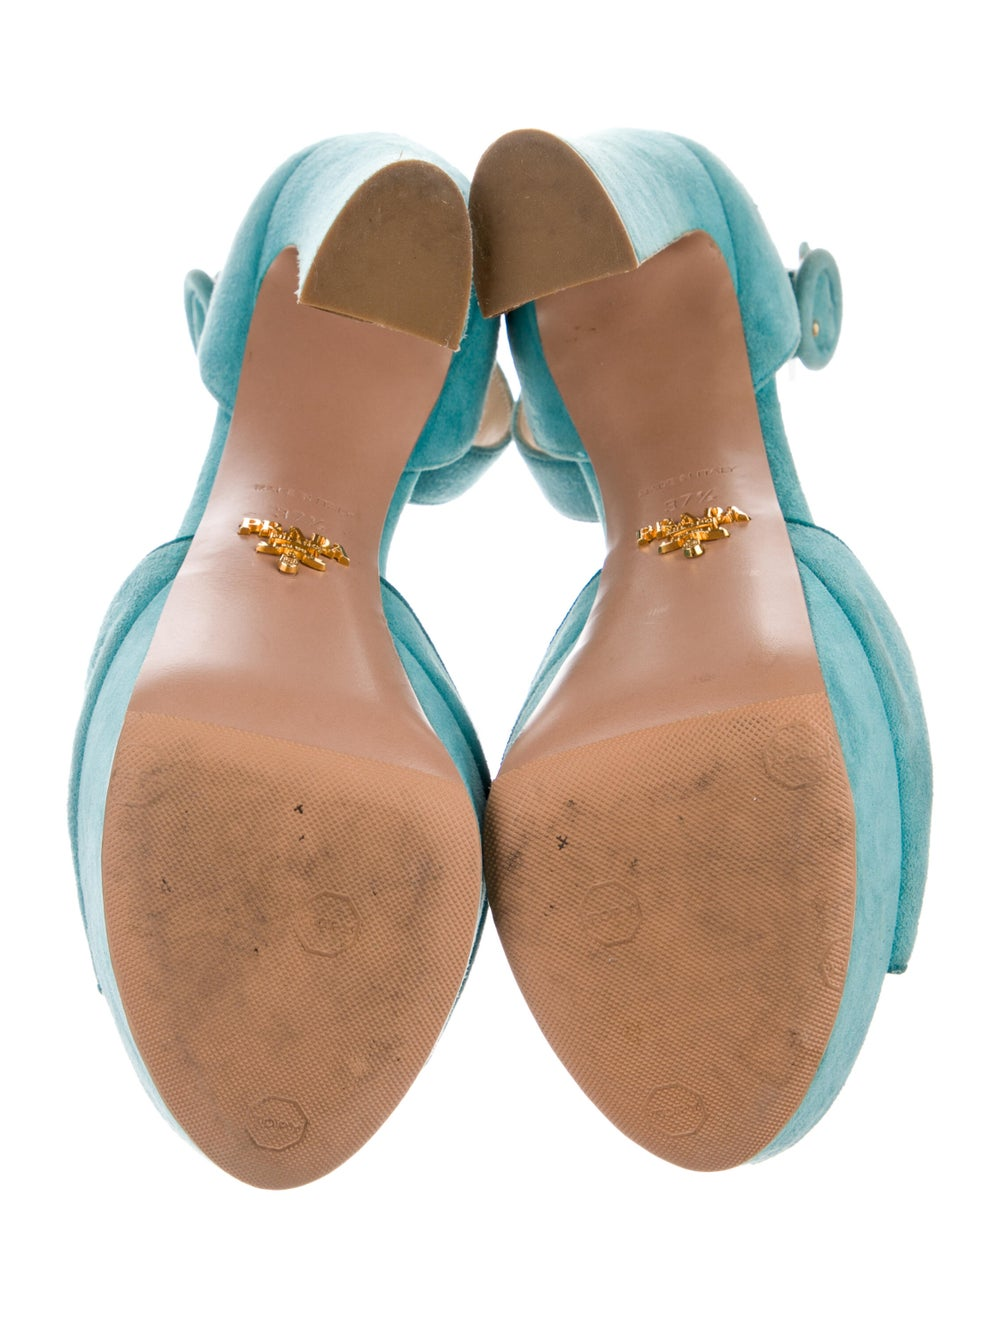 Prada Suede Sandals Blue - image 5